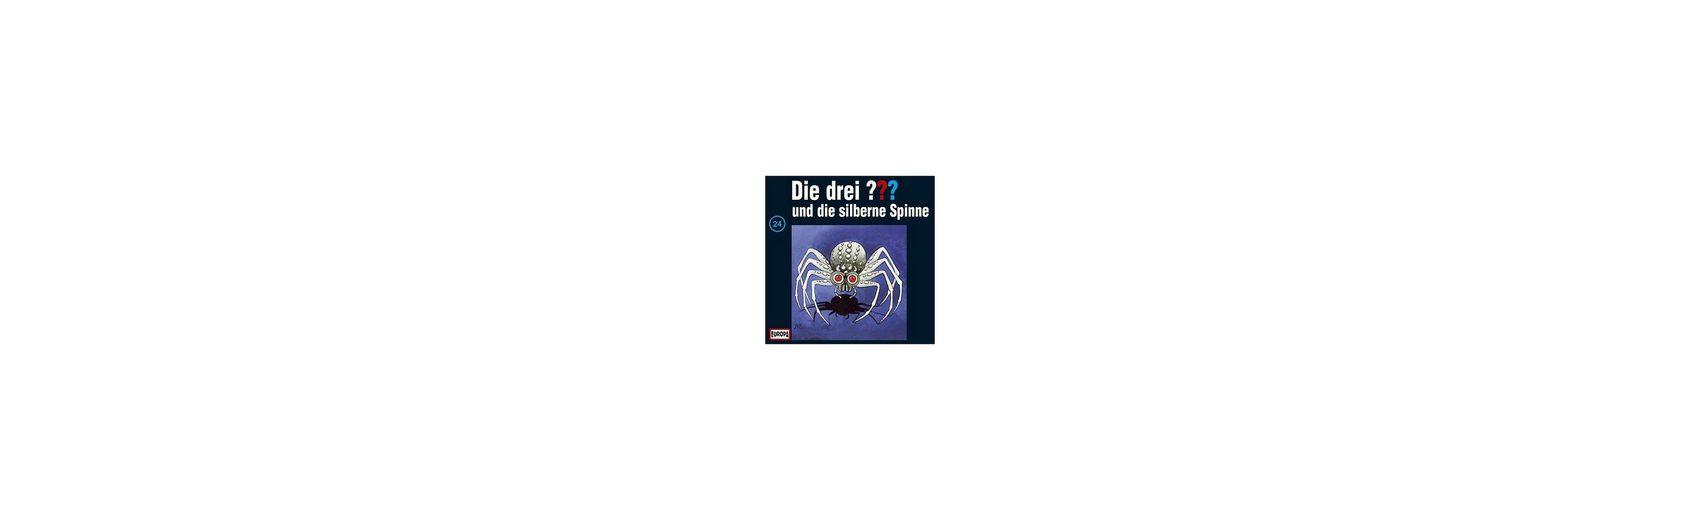 SONY BMG MUSIC CD Die Drei ??? 024/und die silberne Spinne